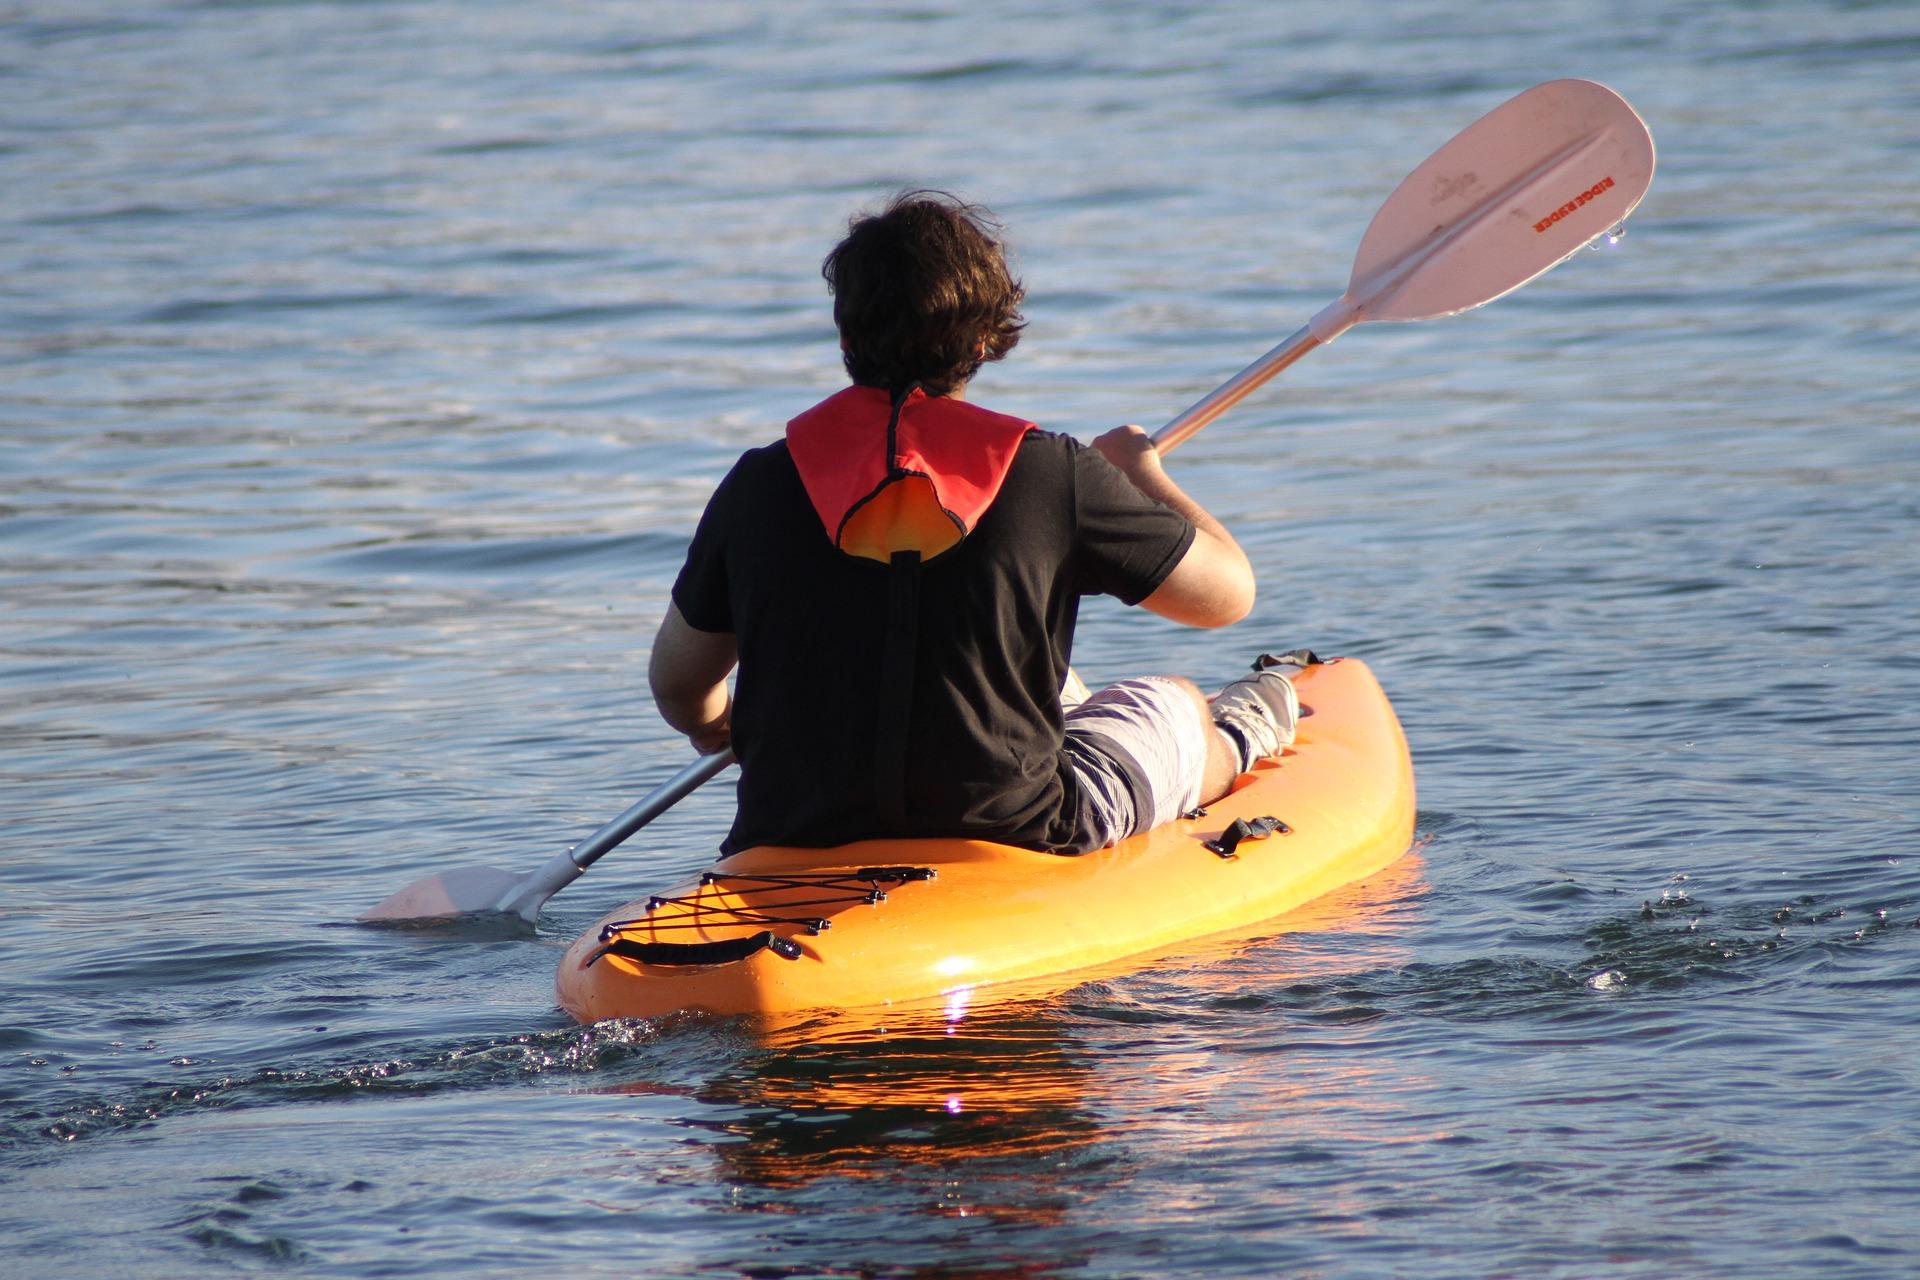 Paddling on an orange kayak.